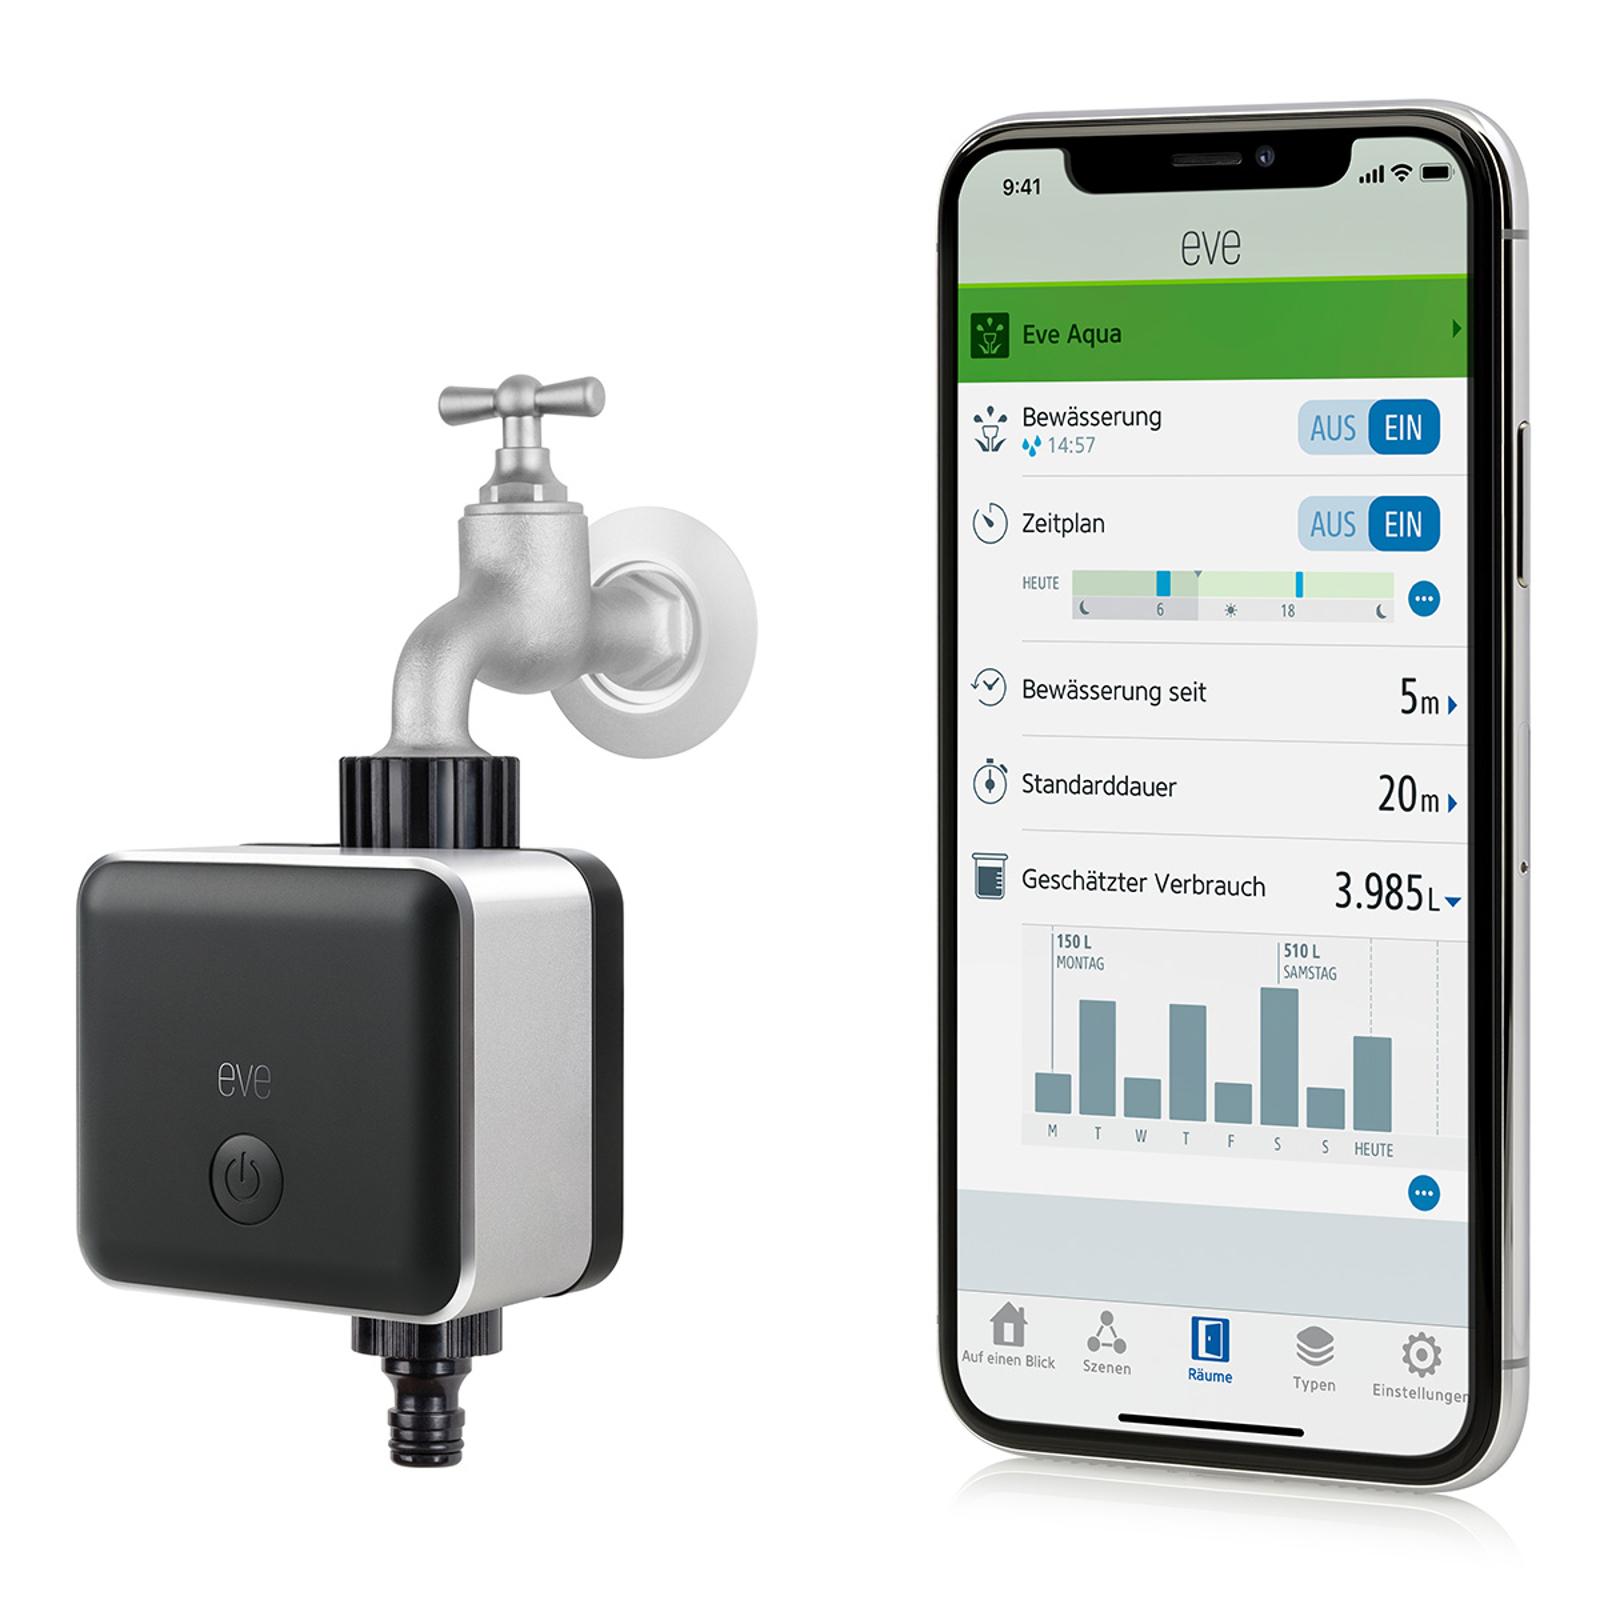 Eve Aqua smart home water control_2029024_1